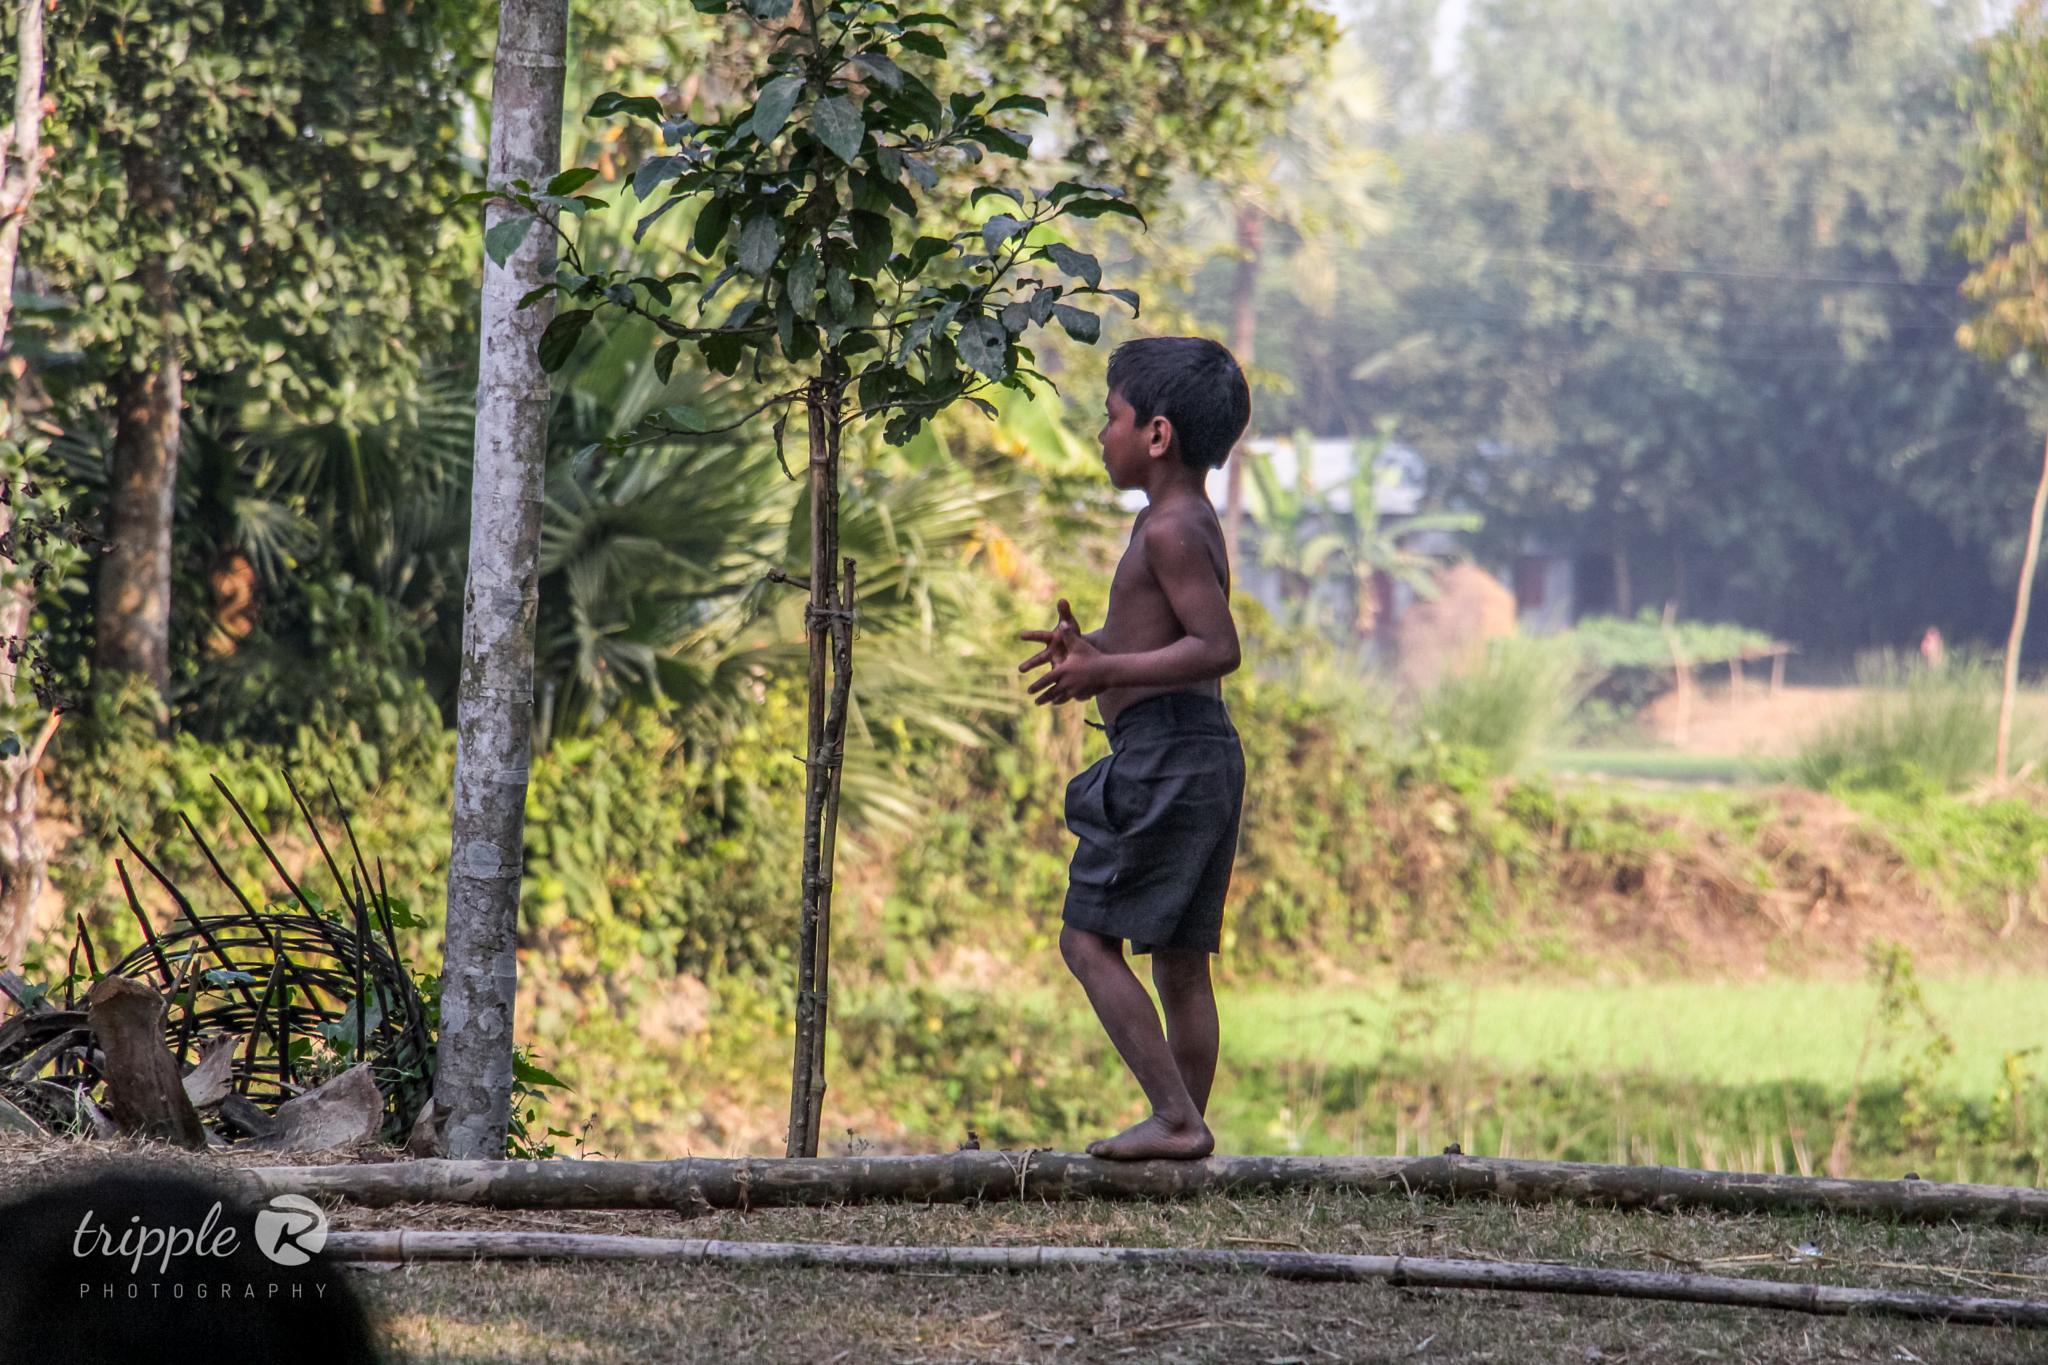 A village child by Razeeb Robert Rozario